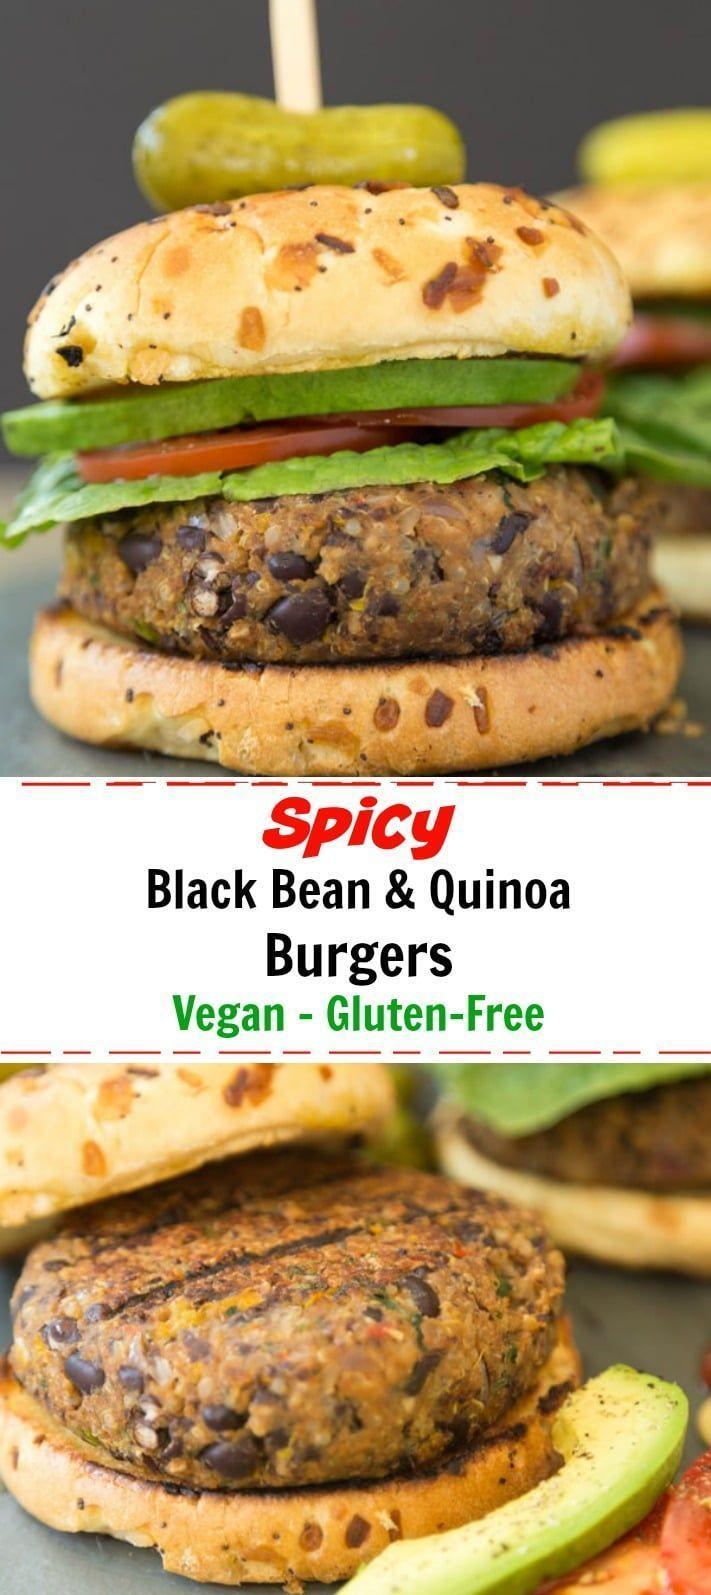 Vegan Spicy Black Bean Quinoa Burger Recipe Black Bean Quinoa Burger Quinoa Burgers Vegan Quinoa Burgers